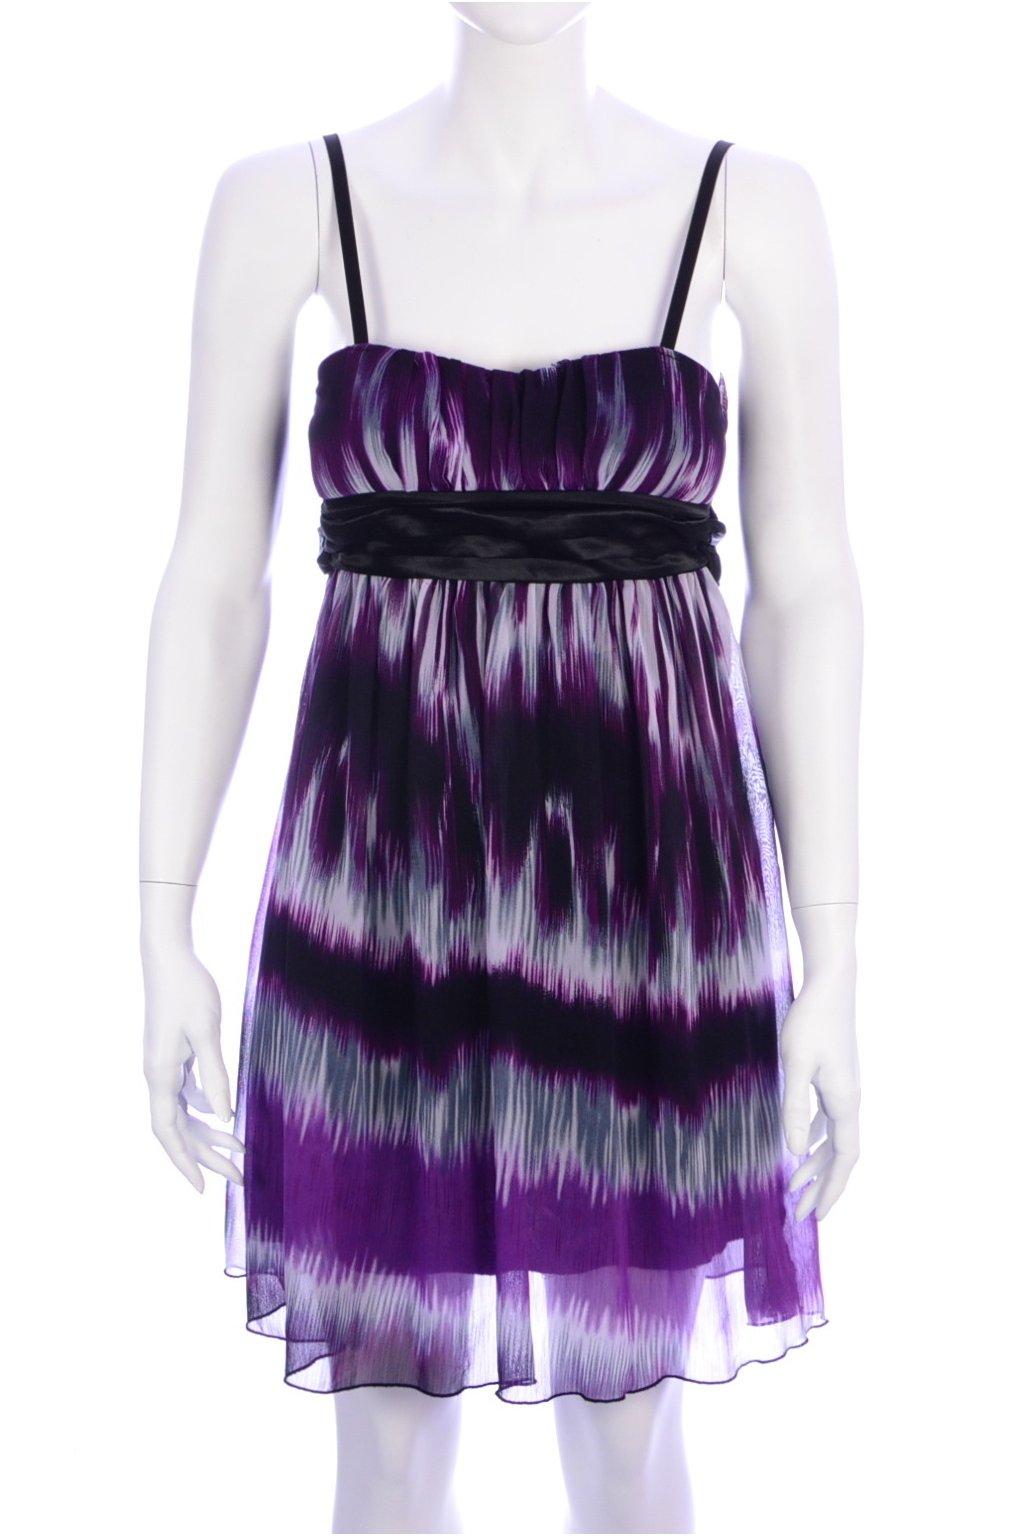 Šaty Jennifer Taylor vel 36/S fialovo-šedé